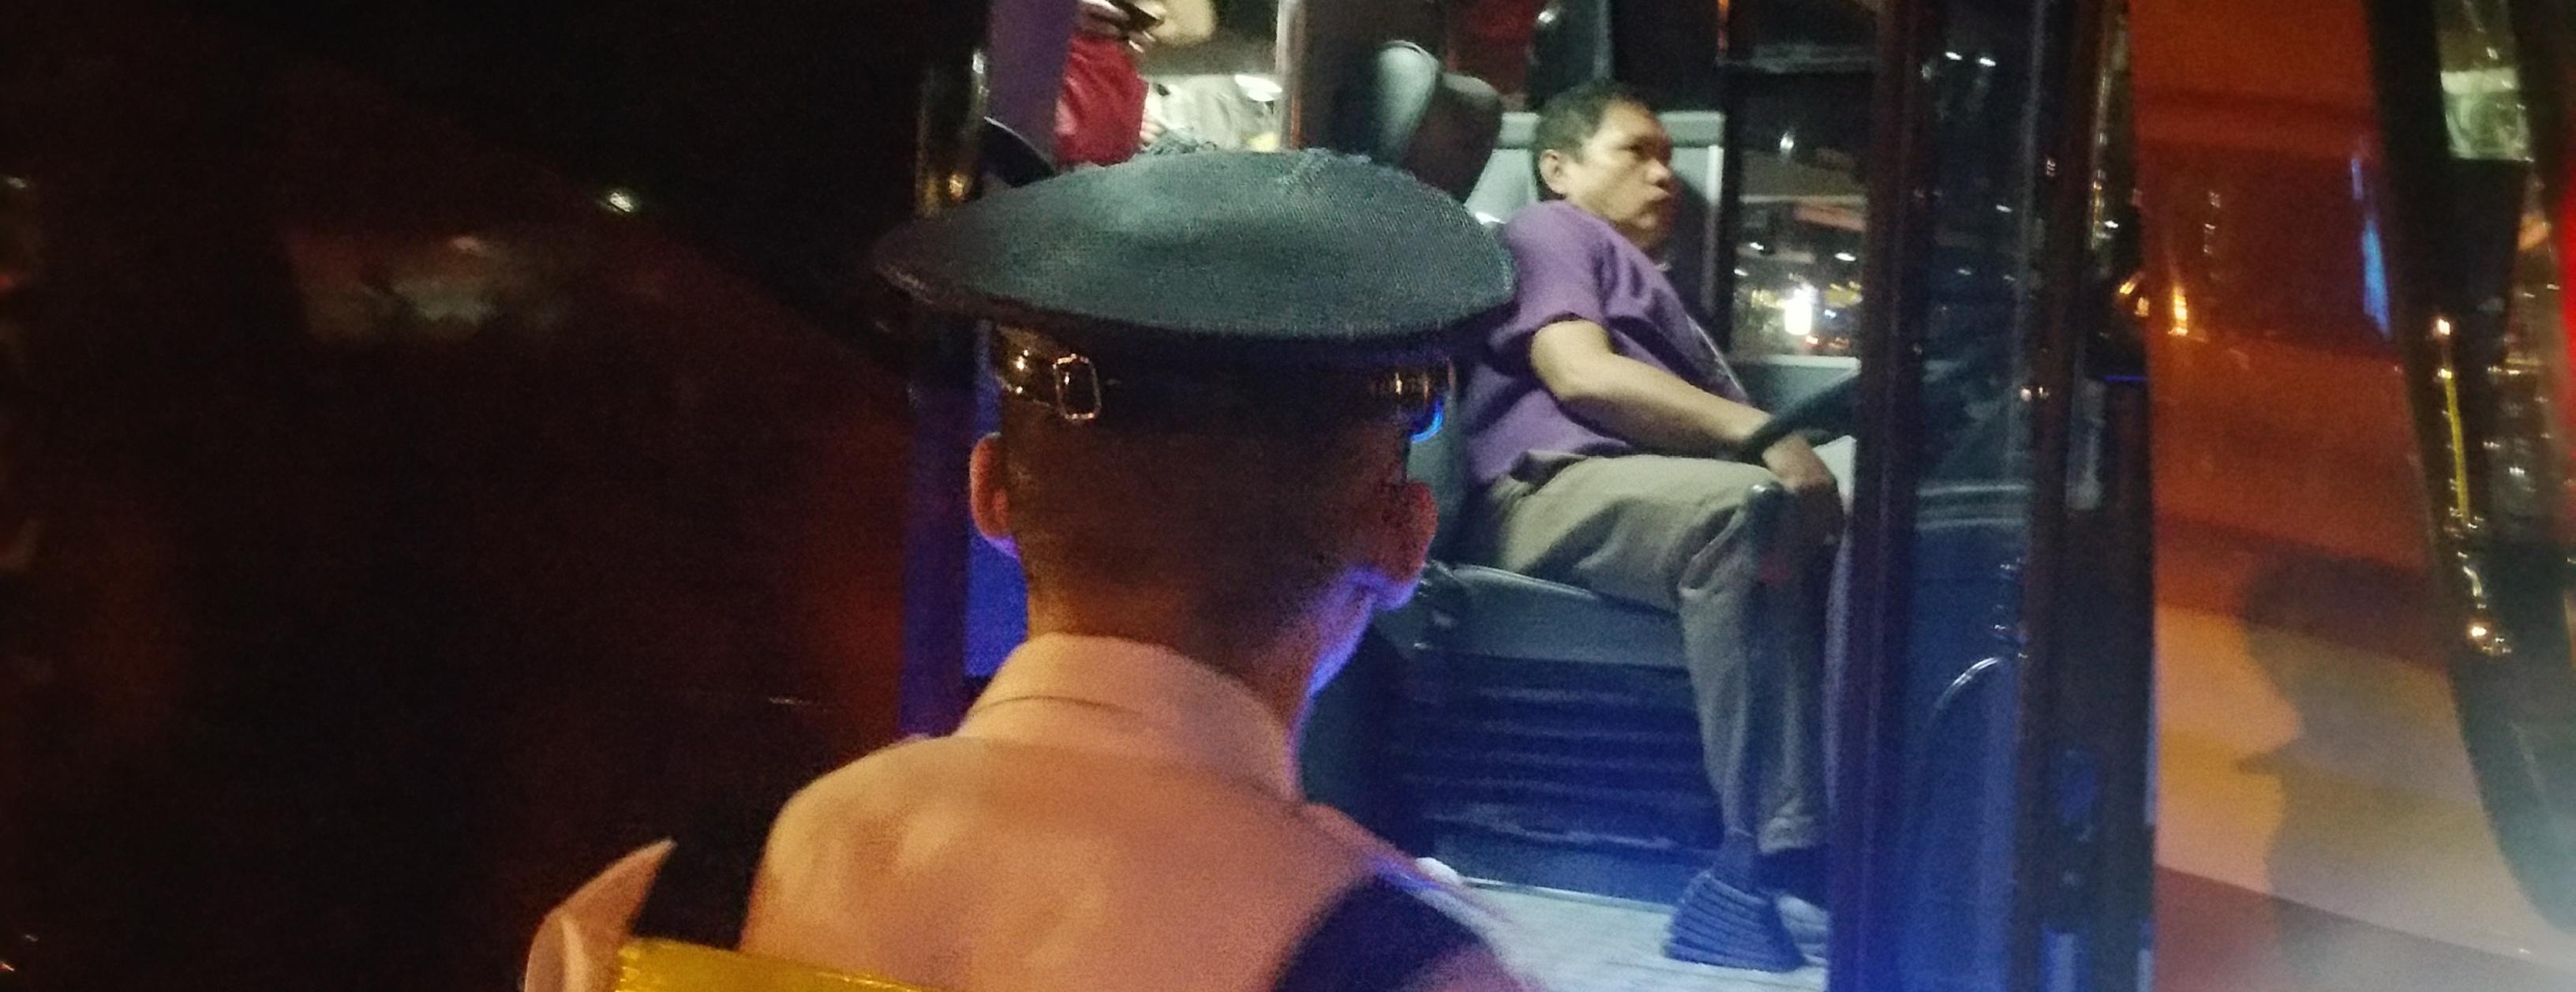 シャトルバスの警備員と運転手